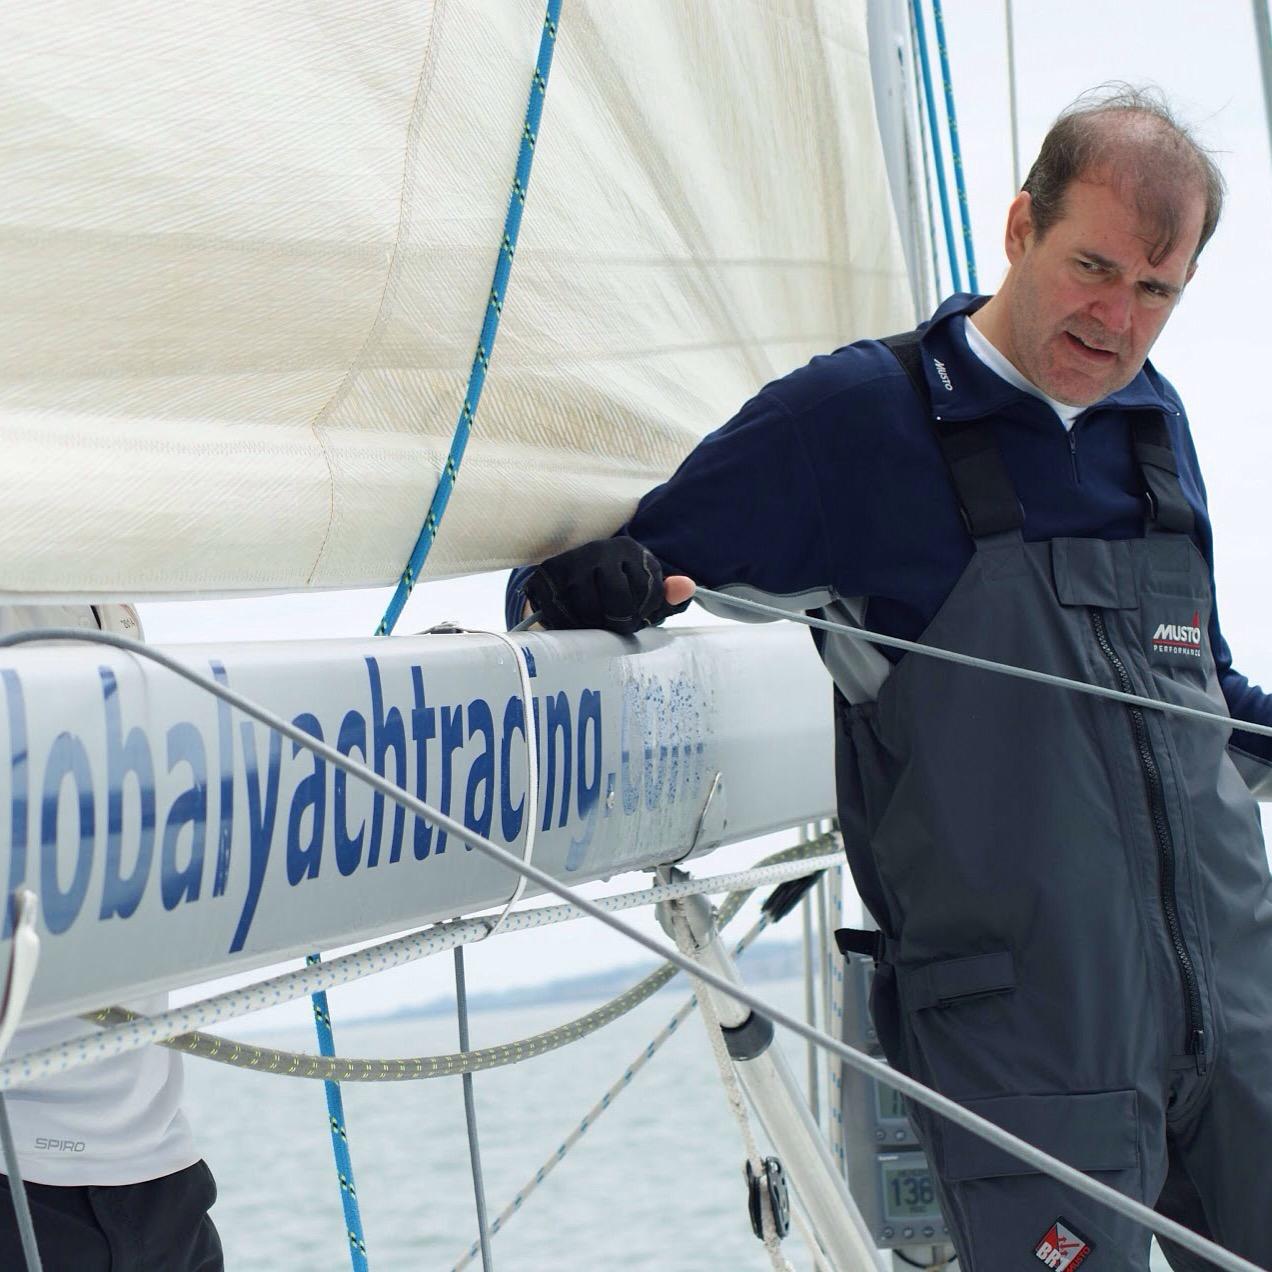 Fastnet Race crew member EH01